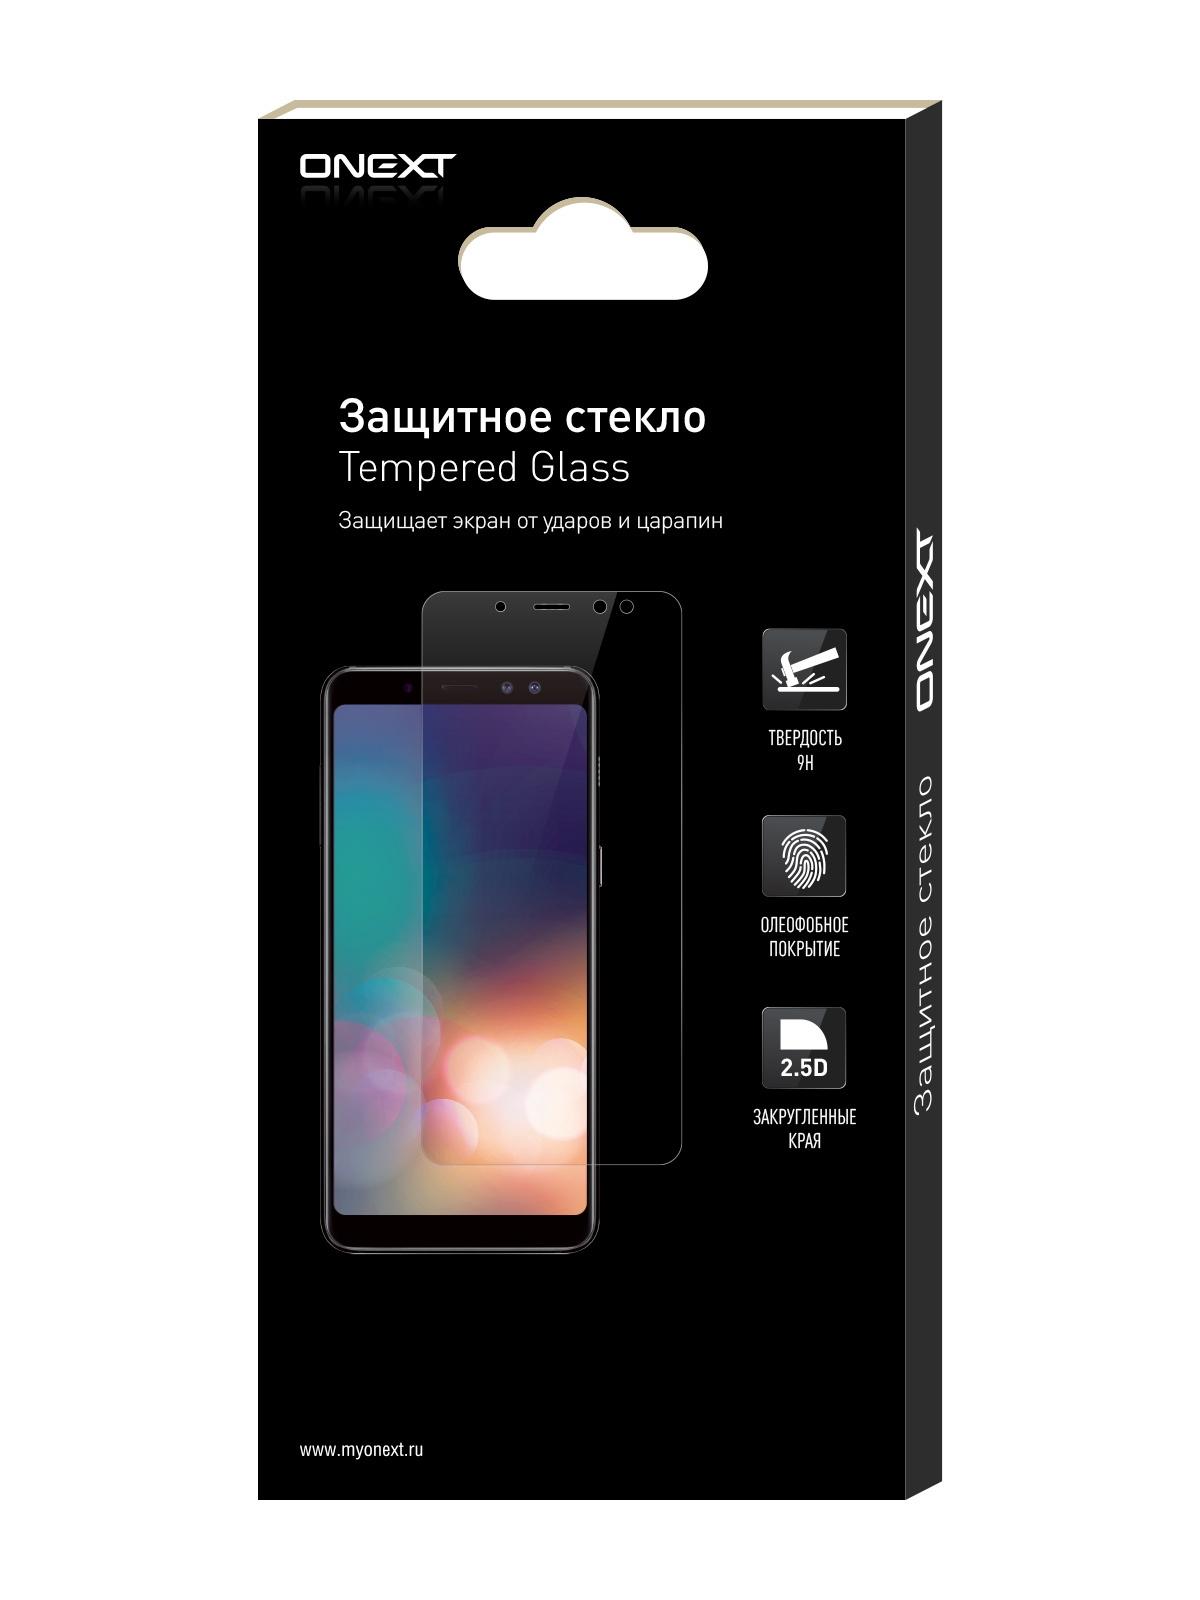 Защитное стекло ONEXT LG G4s цена и фото